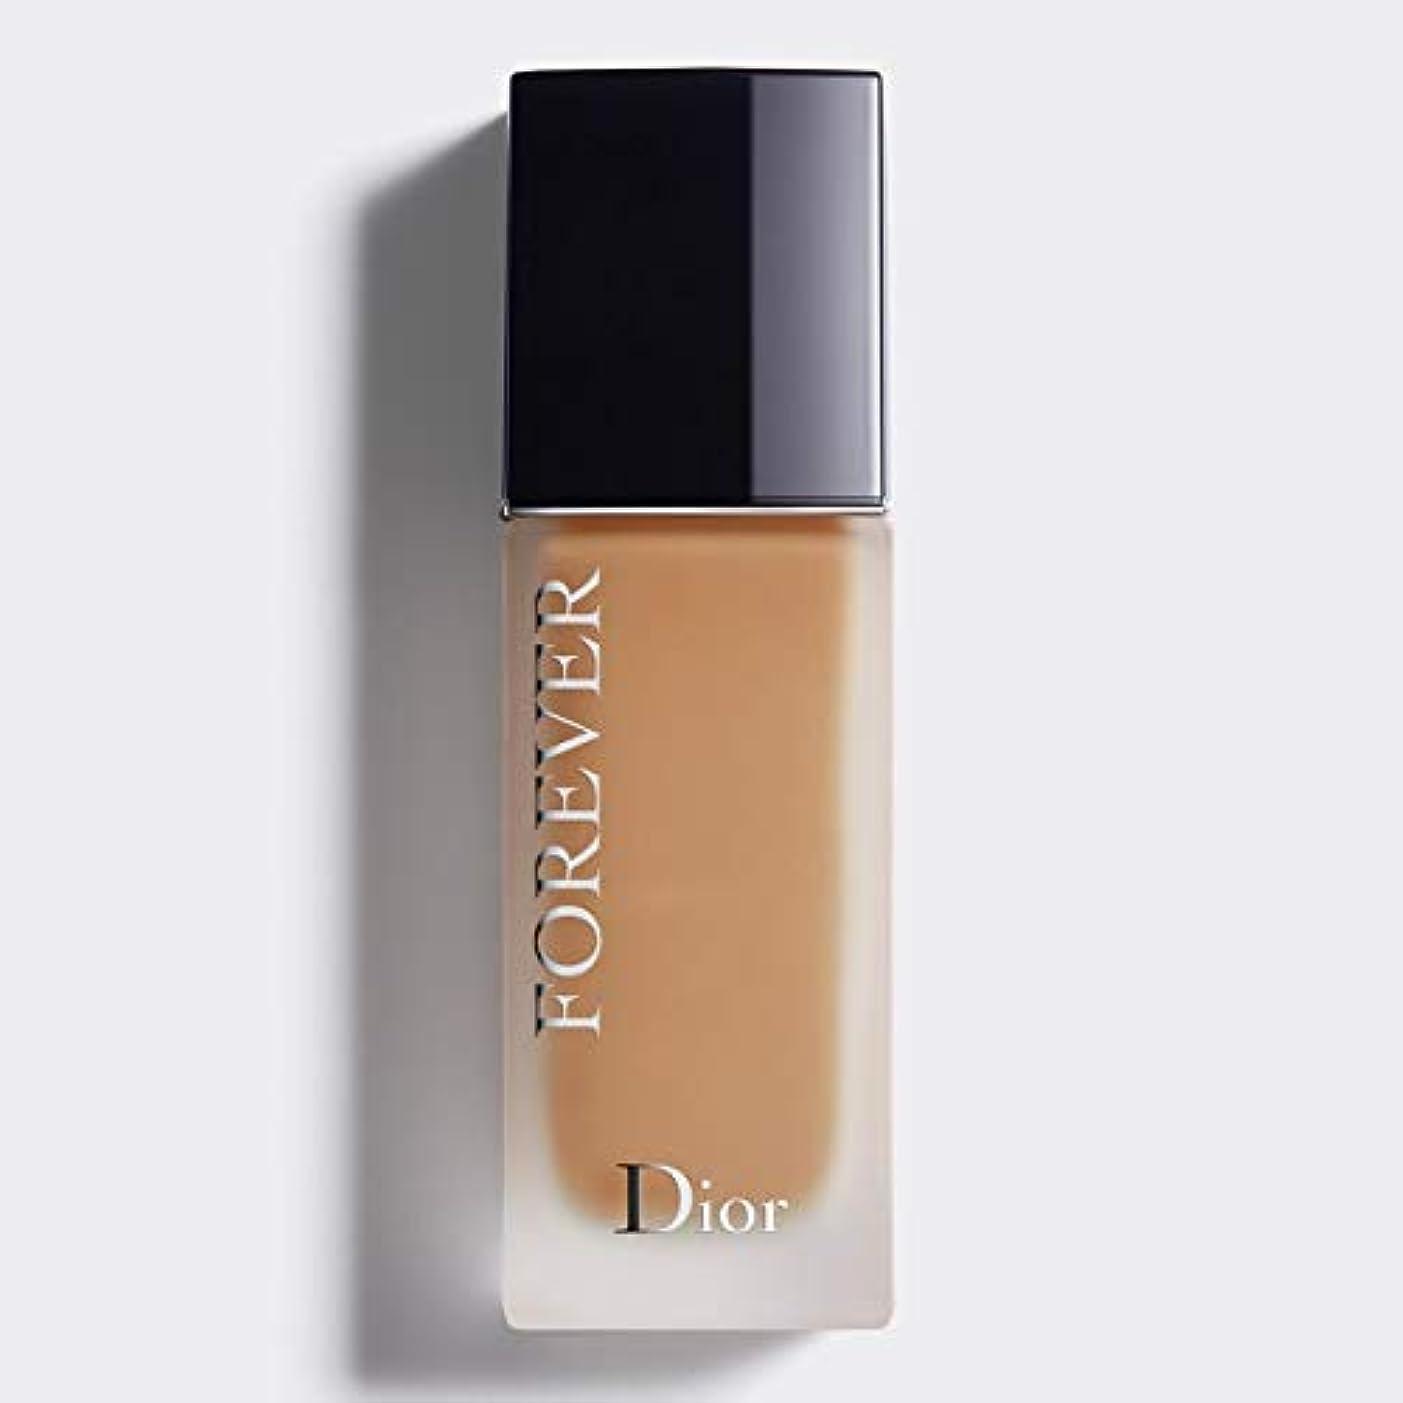 法律ファイアル絶え間ないクリスチャンディオール Dior Forever 24H Wear High Perfection Foundation SPF 35 - # 4W (Warm) 30ml/1oz並行輸入品